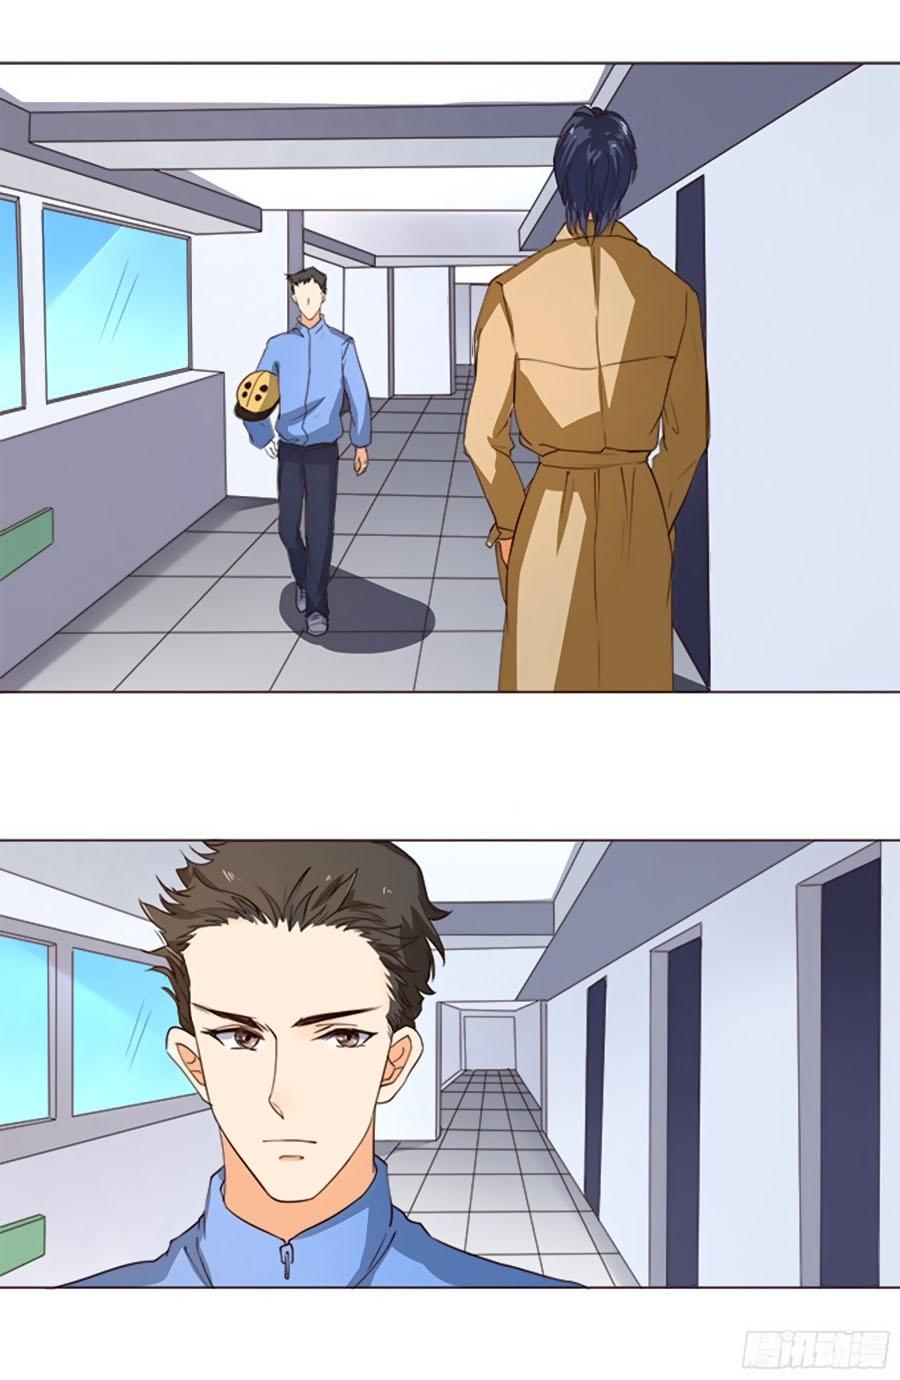 Bác Sĩ Sở Cũng Muốn Yêu - Chap 52